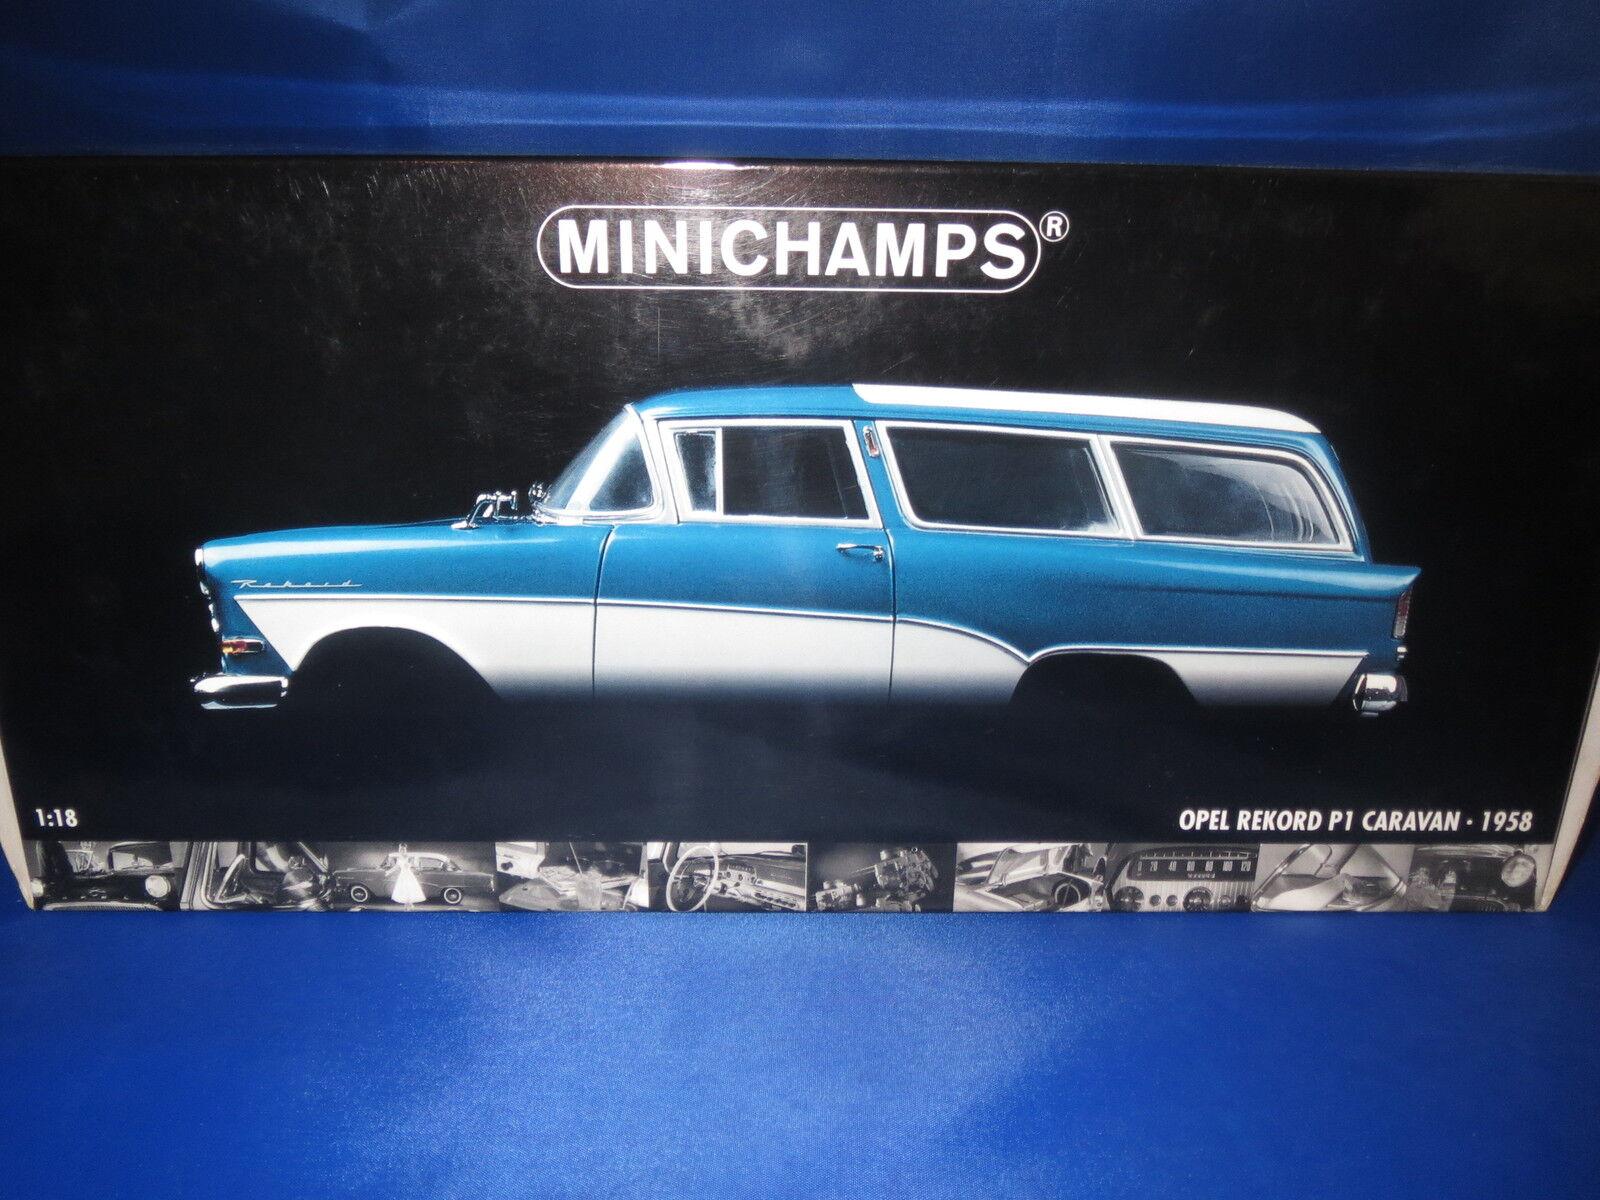 Nouvelle génération, nouveau choix Minichamps OPEL OPEL OPEL record p1 Caravane (1958) (Bleu métallisé) 1:18 OVP!!!   Les Consommateurs D'abord  159c0e